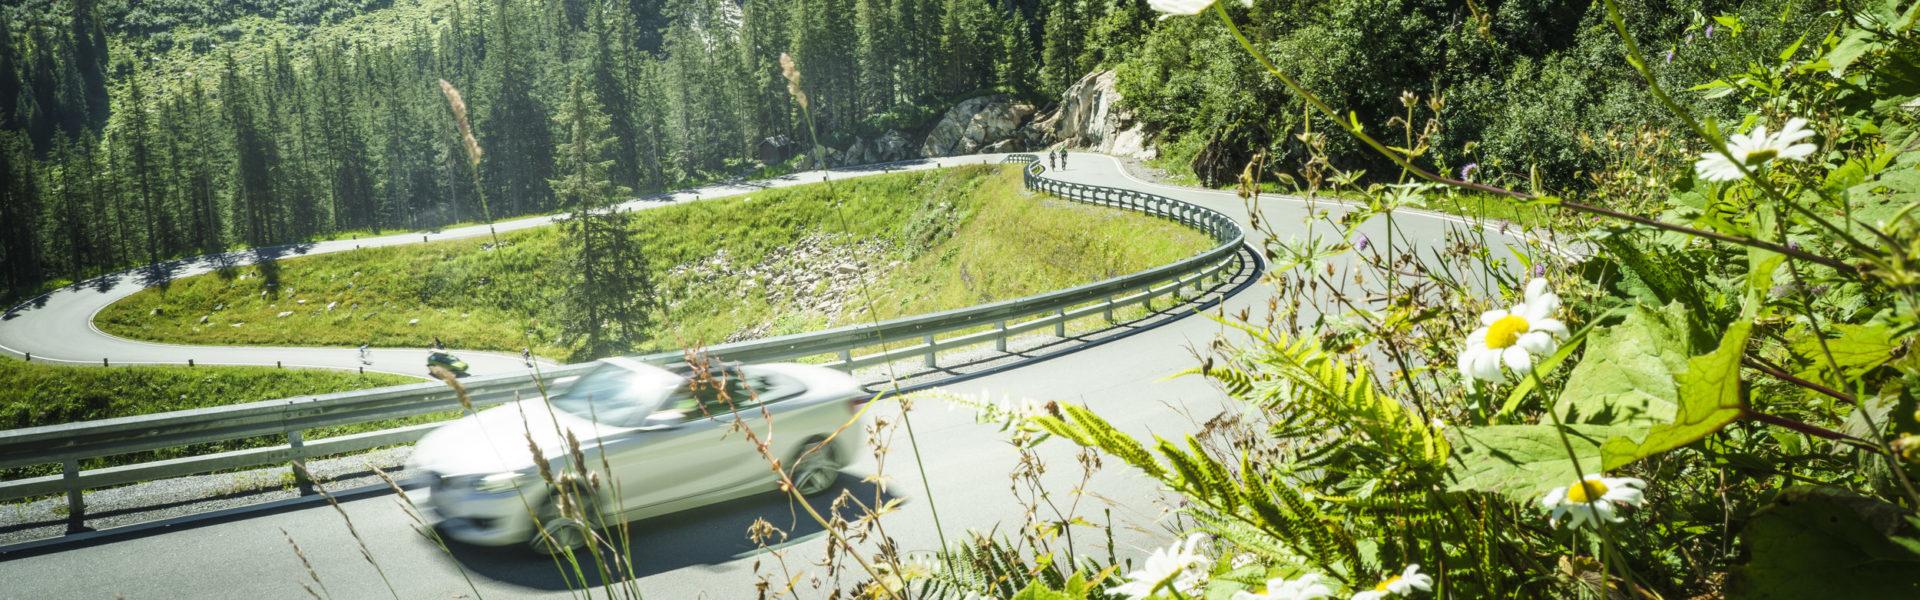 V-CARD Sonstige Ausflugsziele, Silvretta-Hochalpenstrasse Montafon© Dietmar Denger / Vorarlberg Tourismus